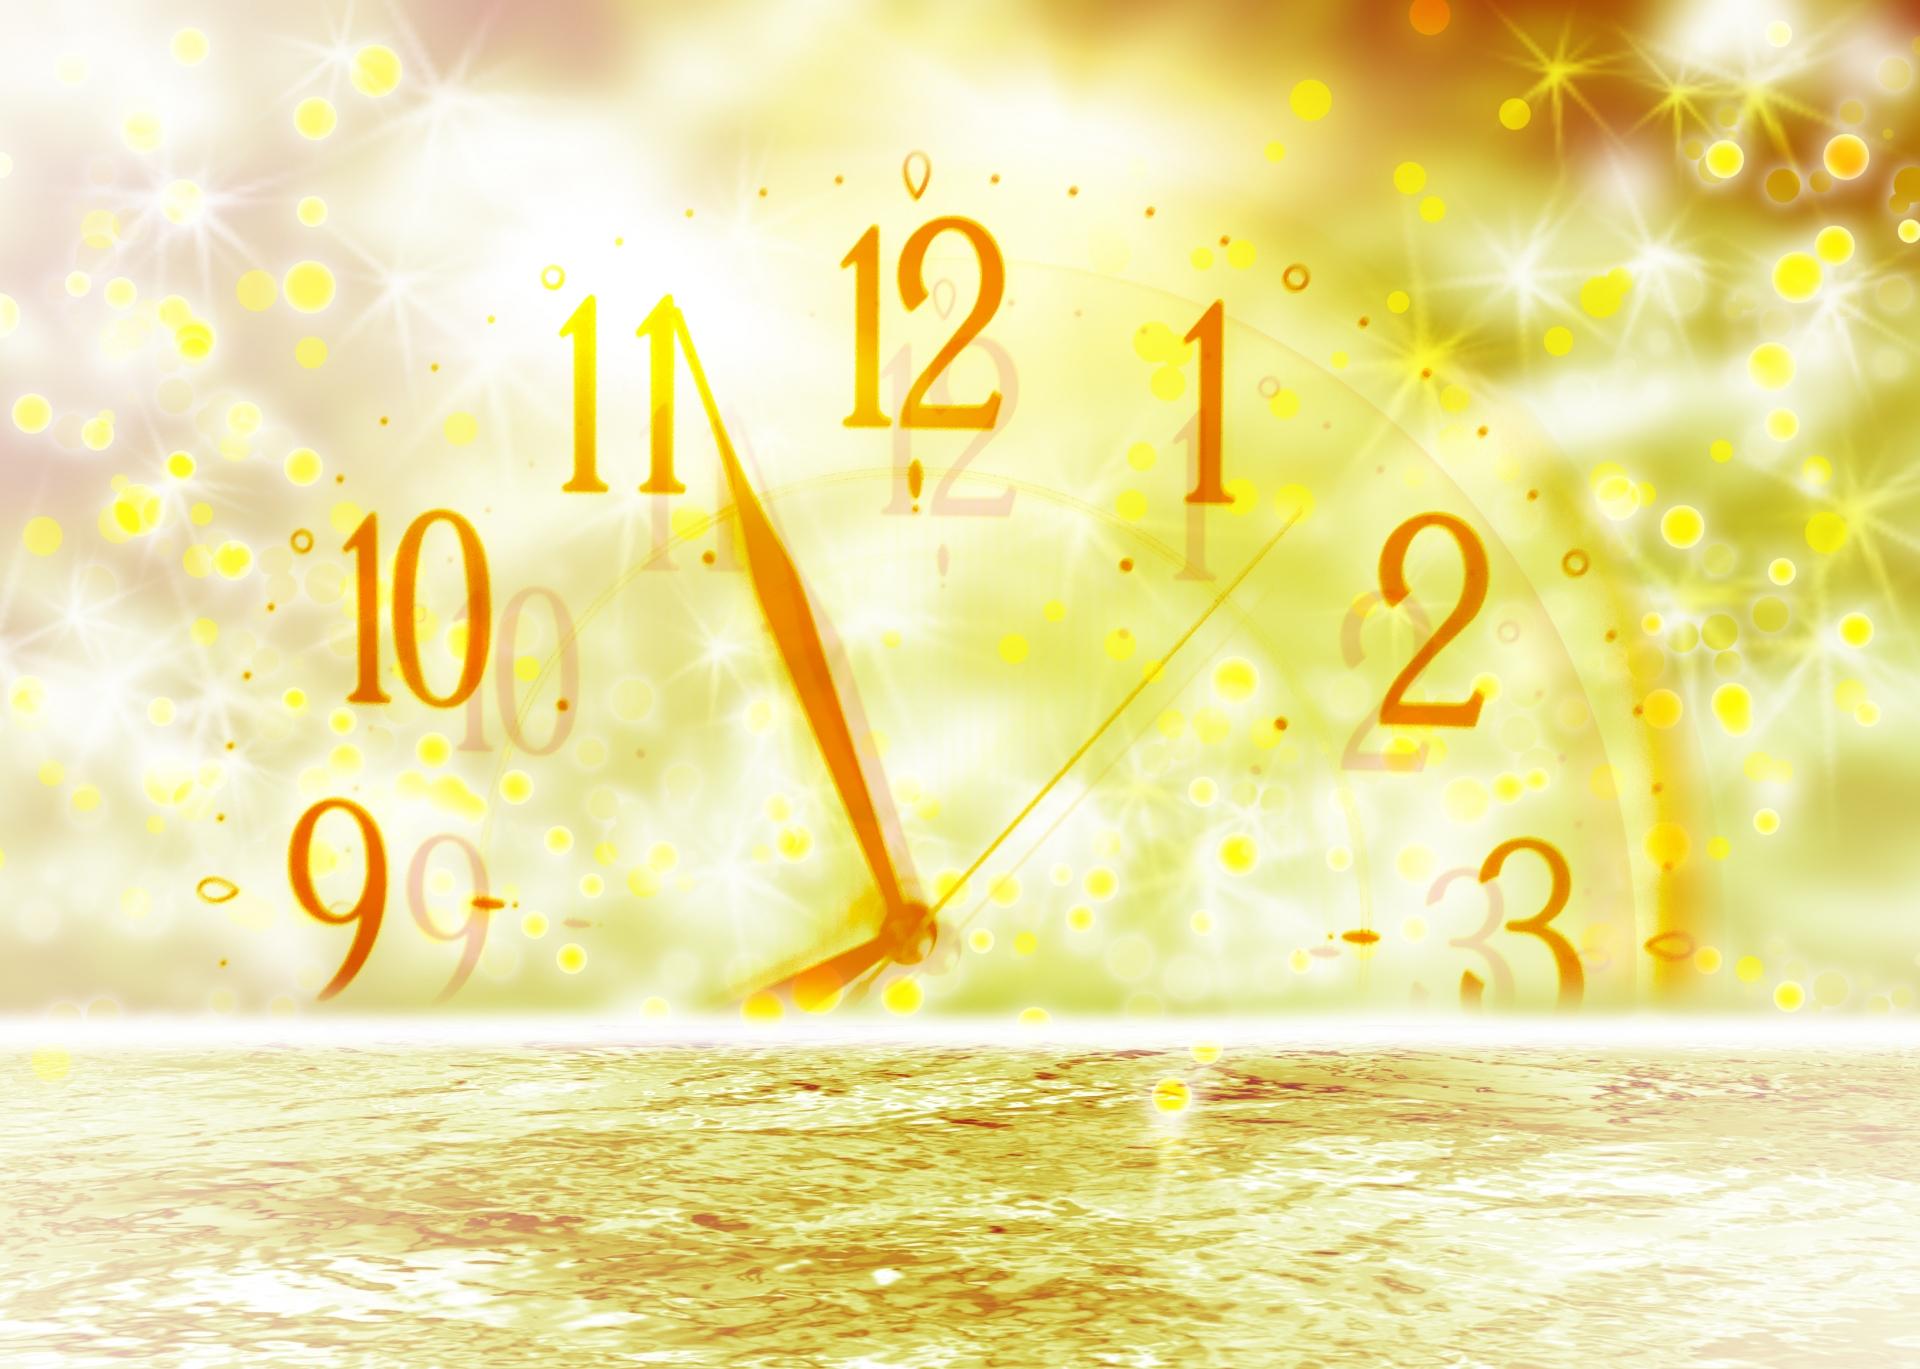 ファイナンシャルプランに希望を与える5つのステップ 4.期間を伸ばす